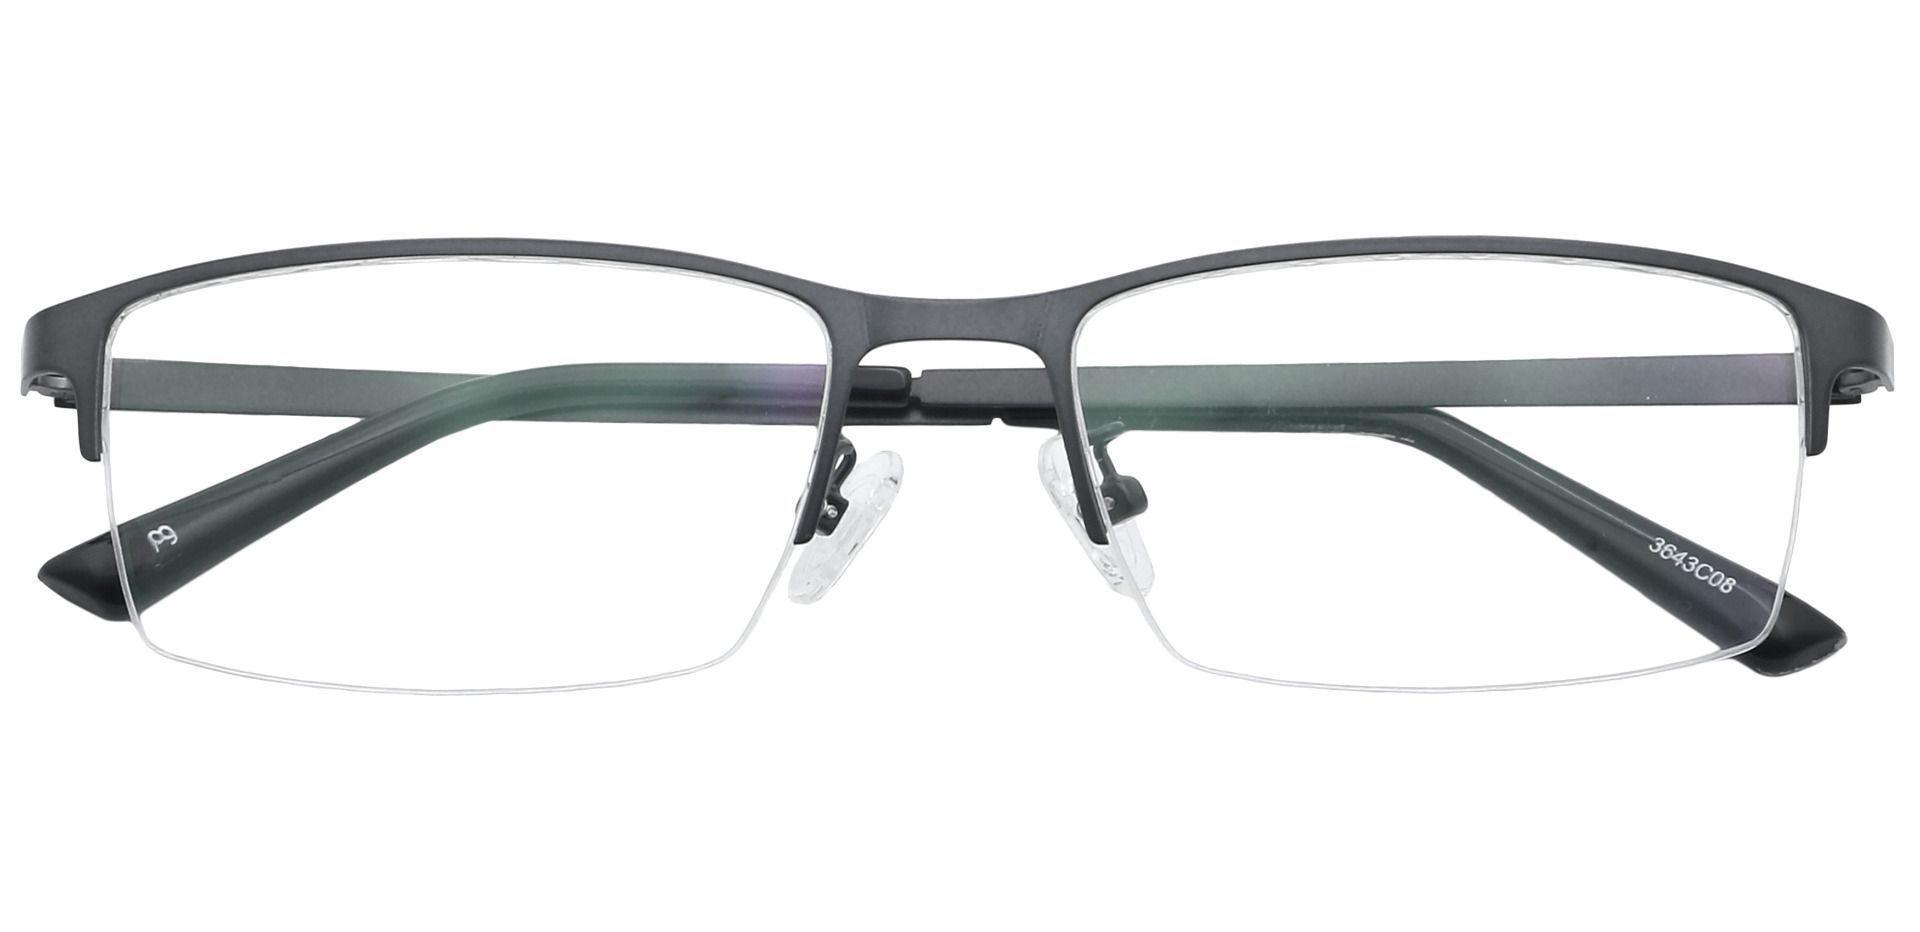 Percy Rectangle Progressive Glasses - Gray